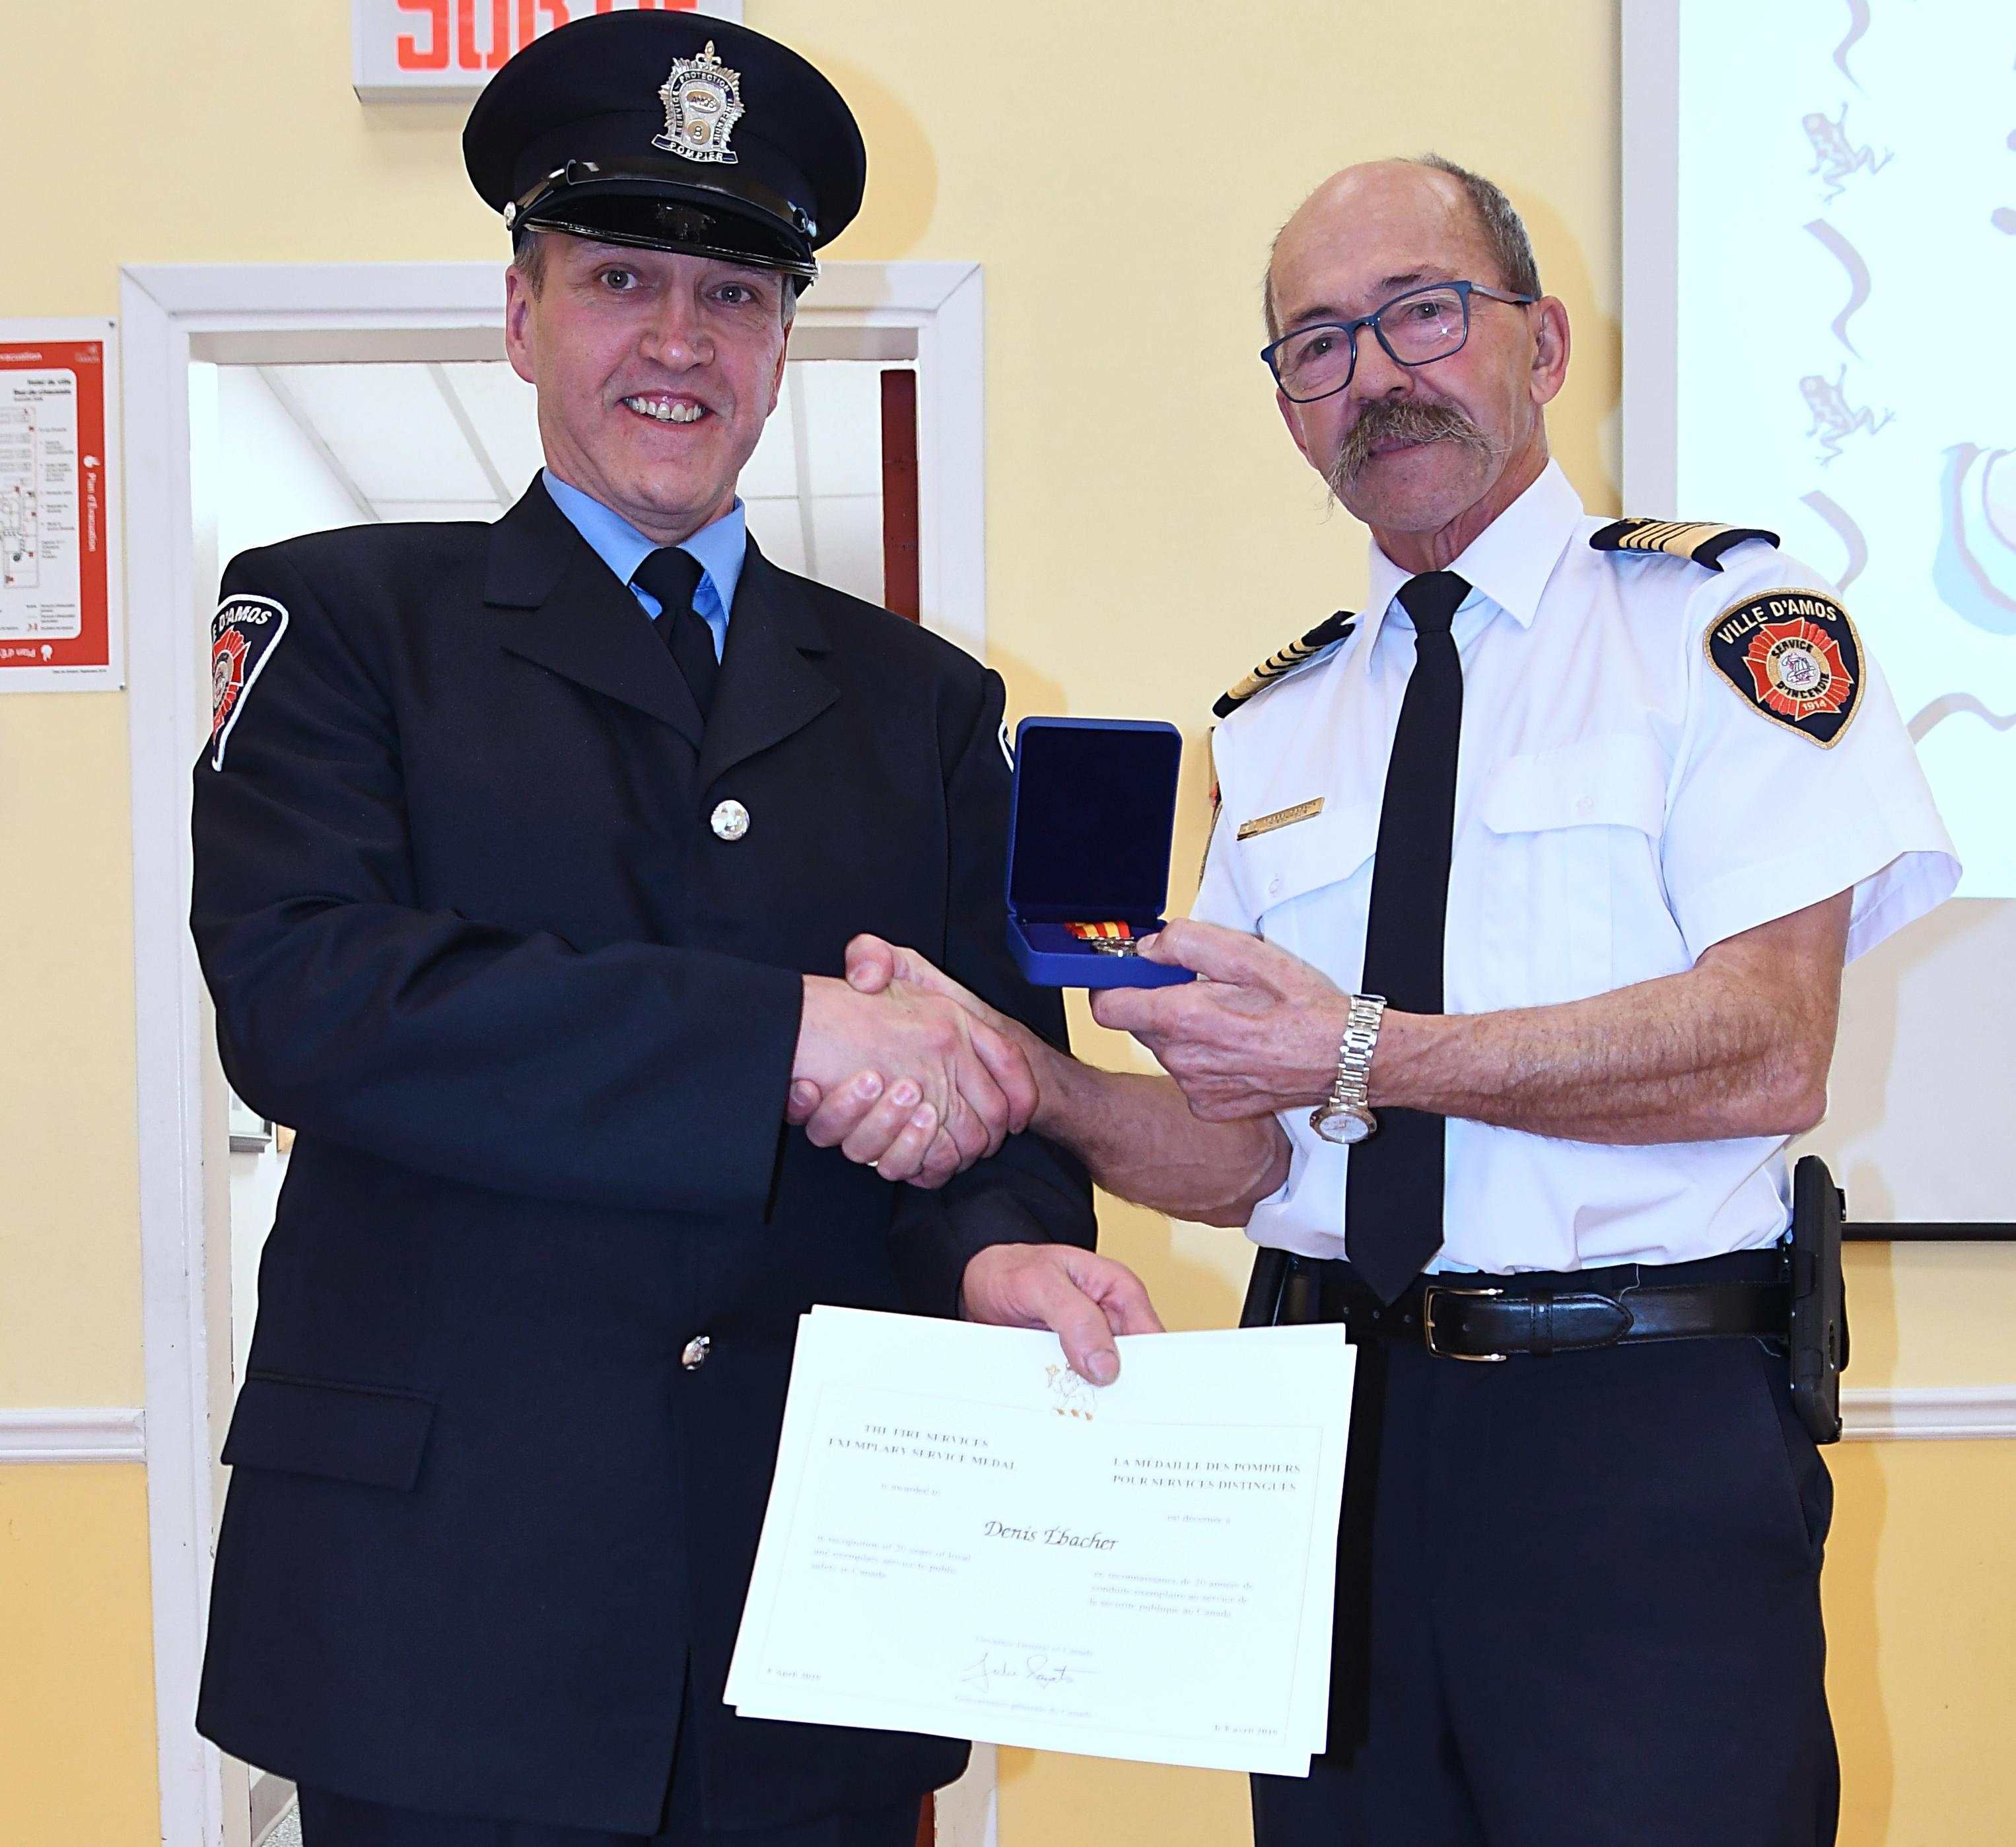 Denis Ebacher medaille pompier